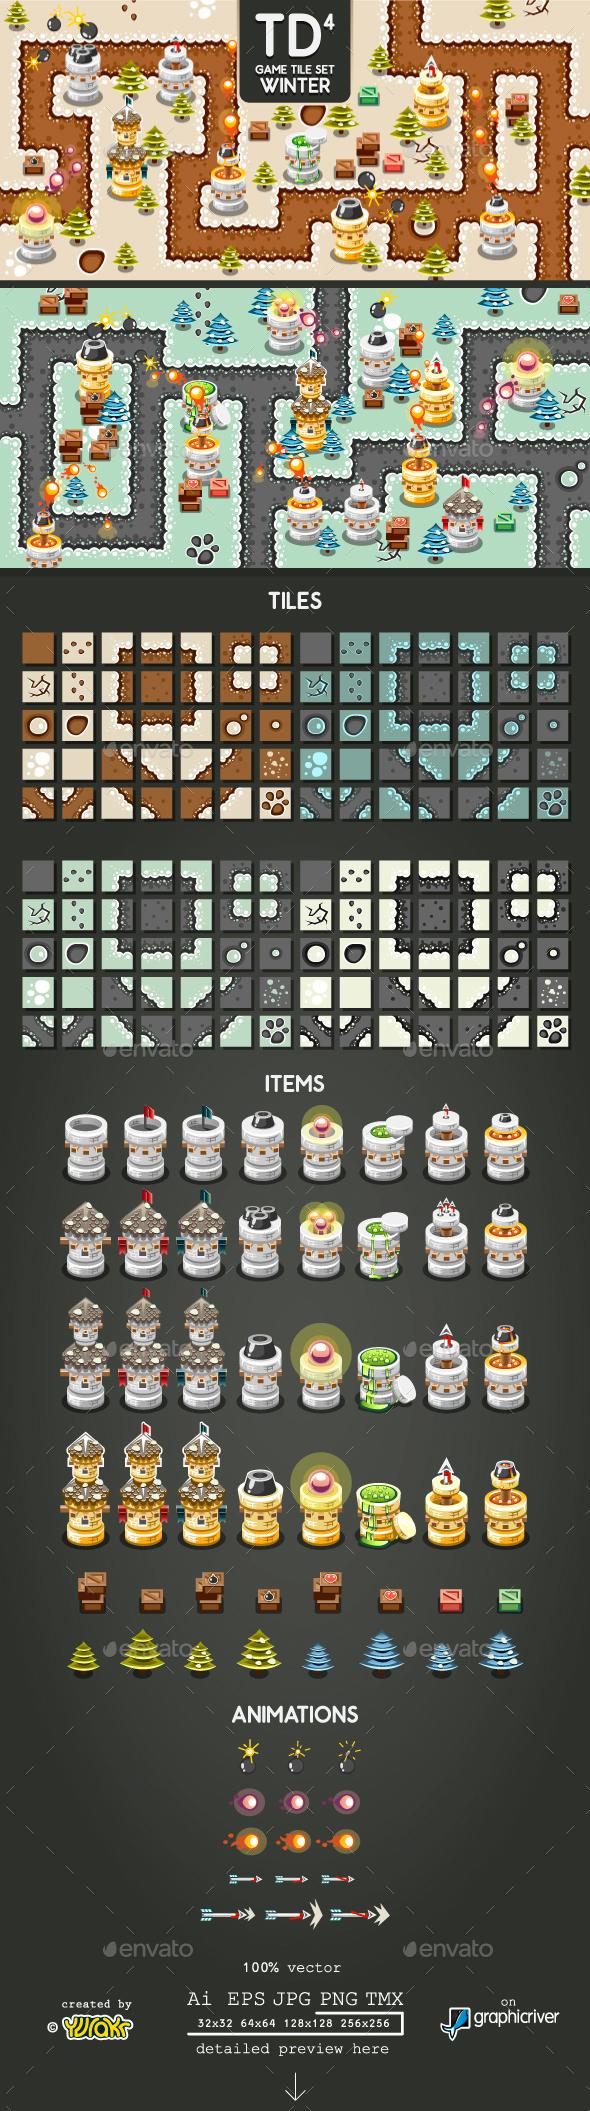 Tower Defence Game Tile Set Four - Tilesets Game Assets